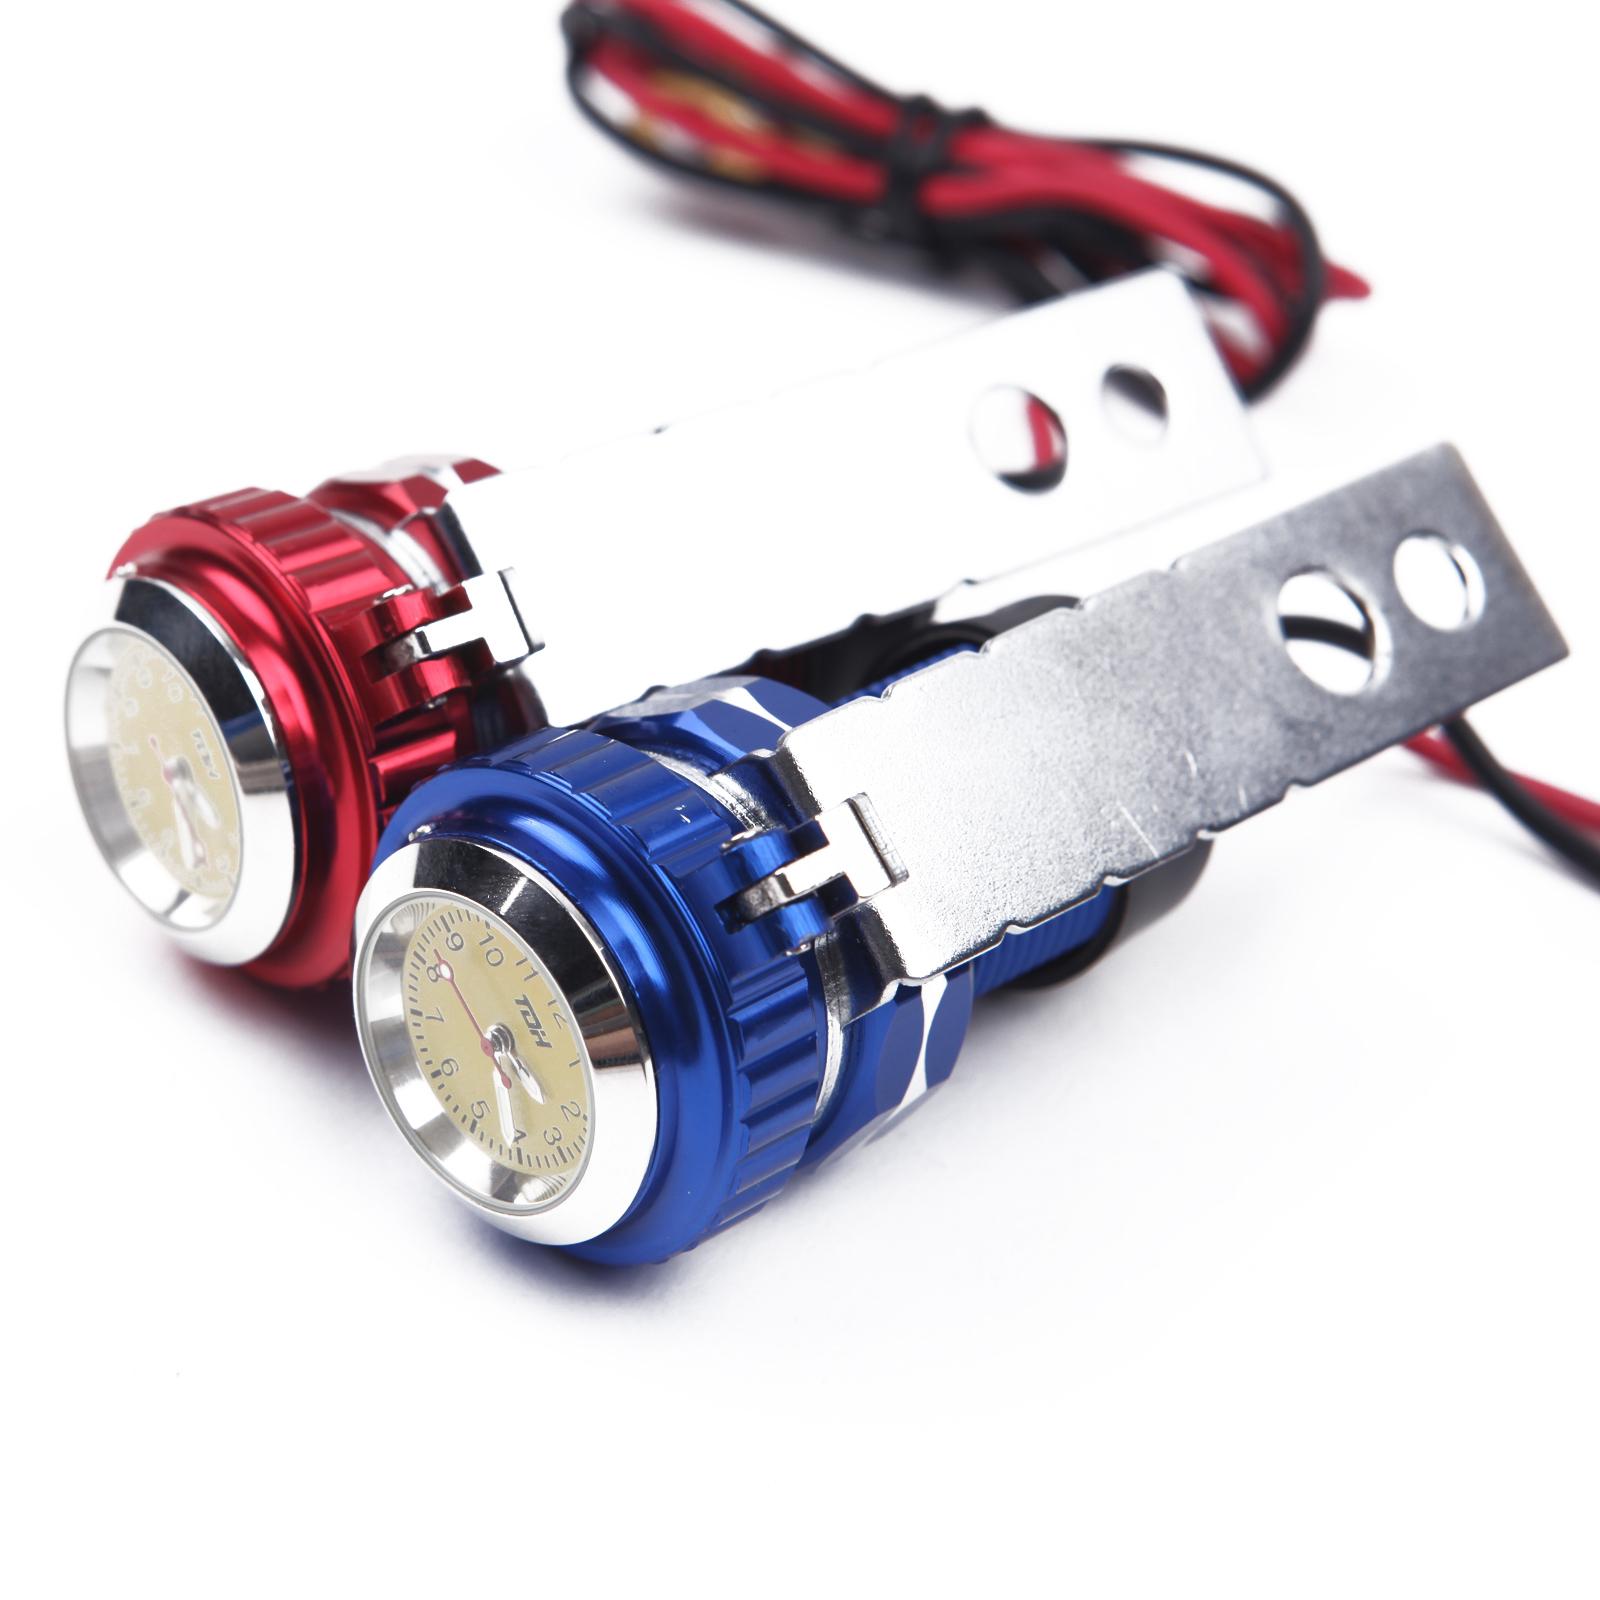 USB зарядное устройство для мотоцикла